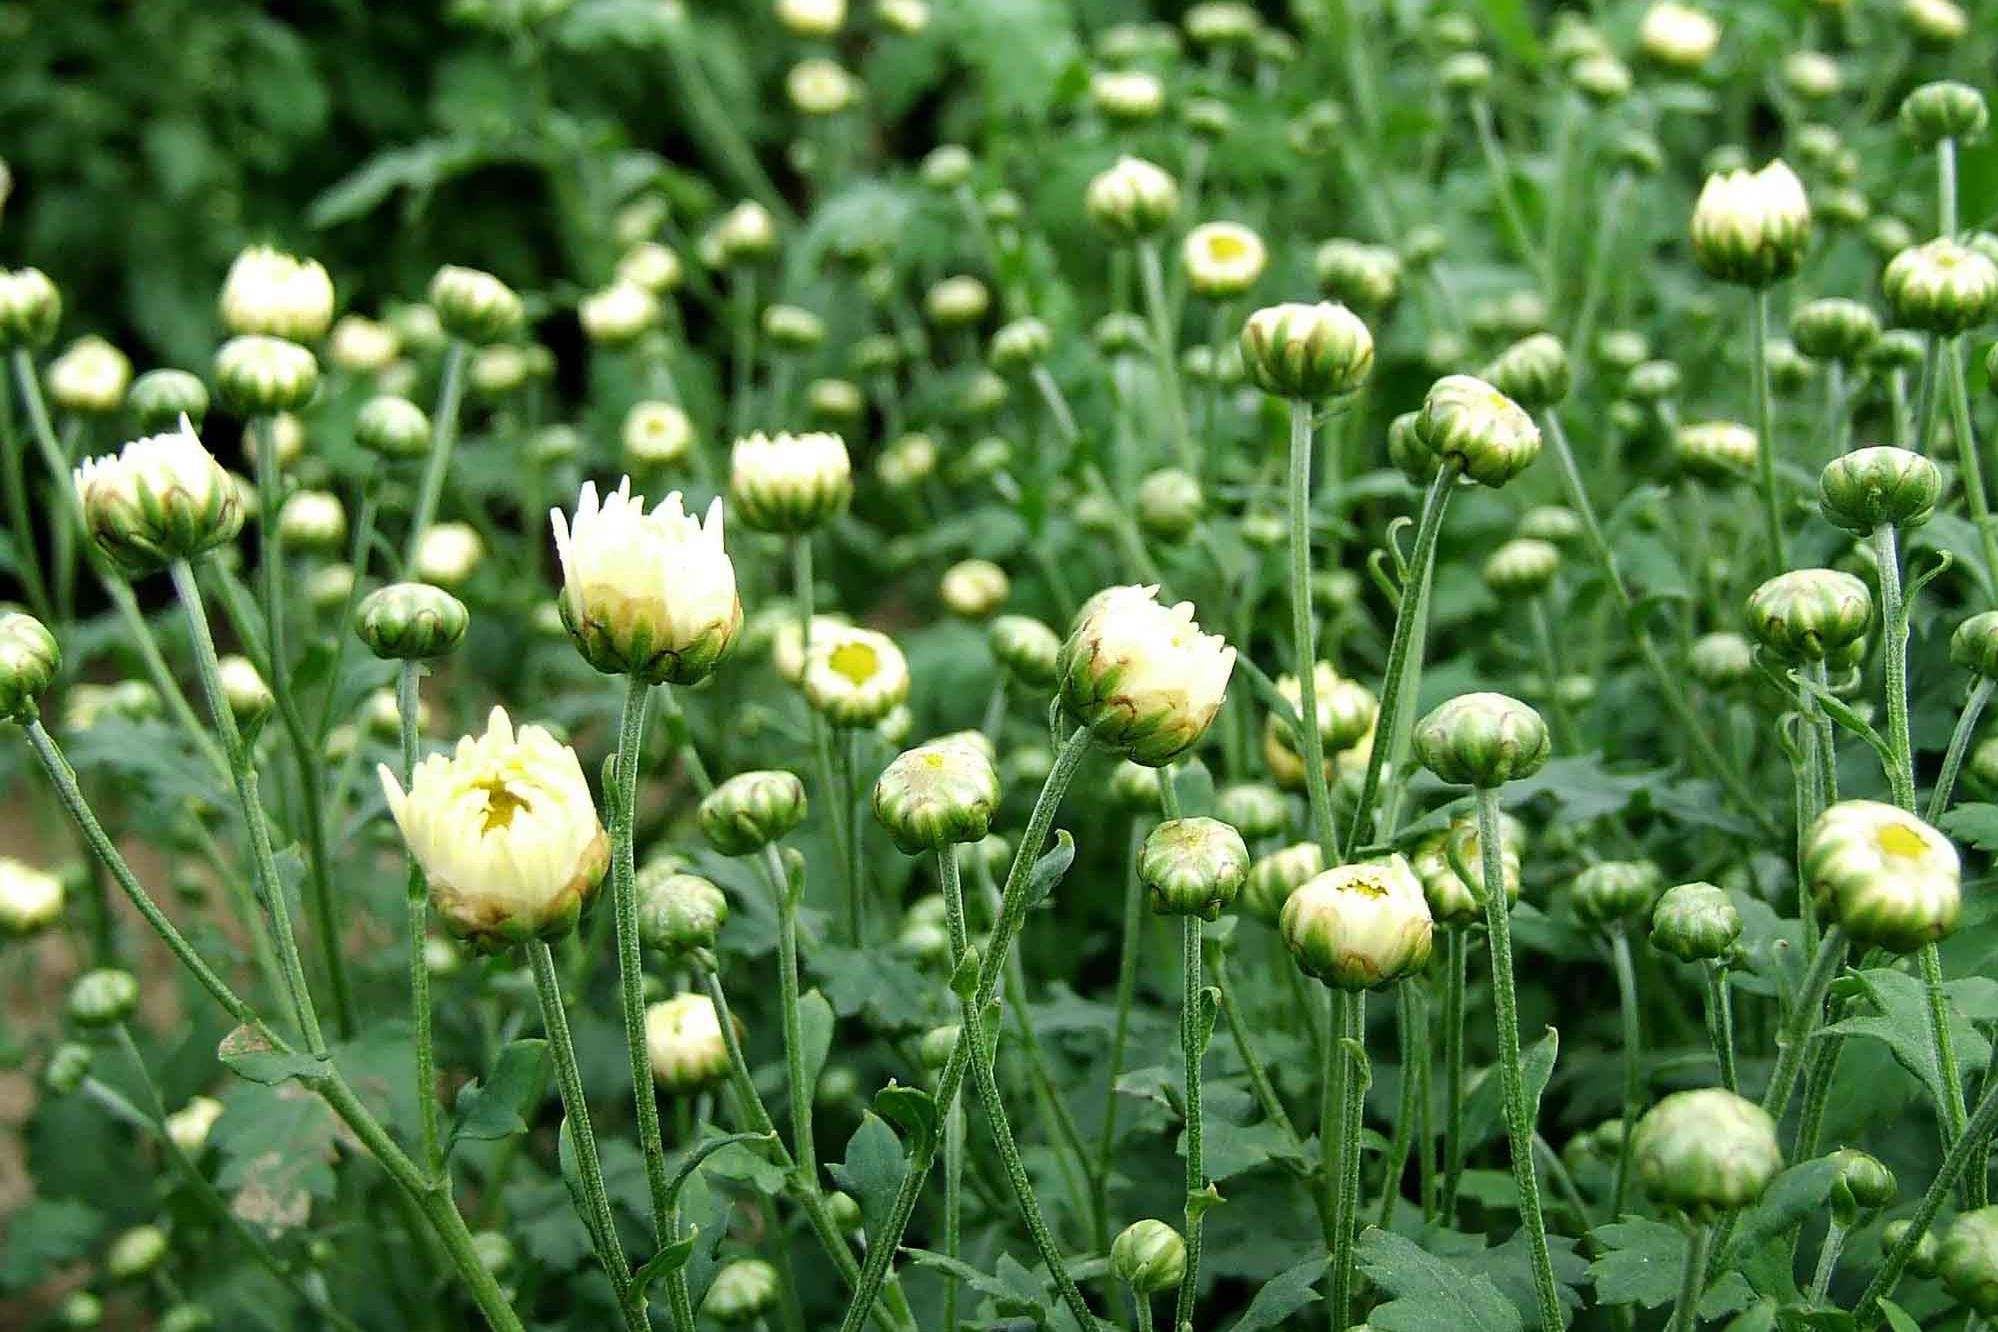 WhyChrysanthemumTeaisGoodforSkin